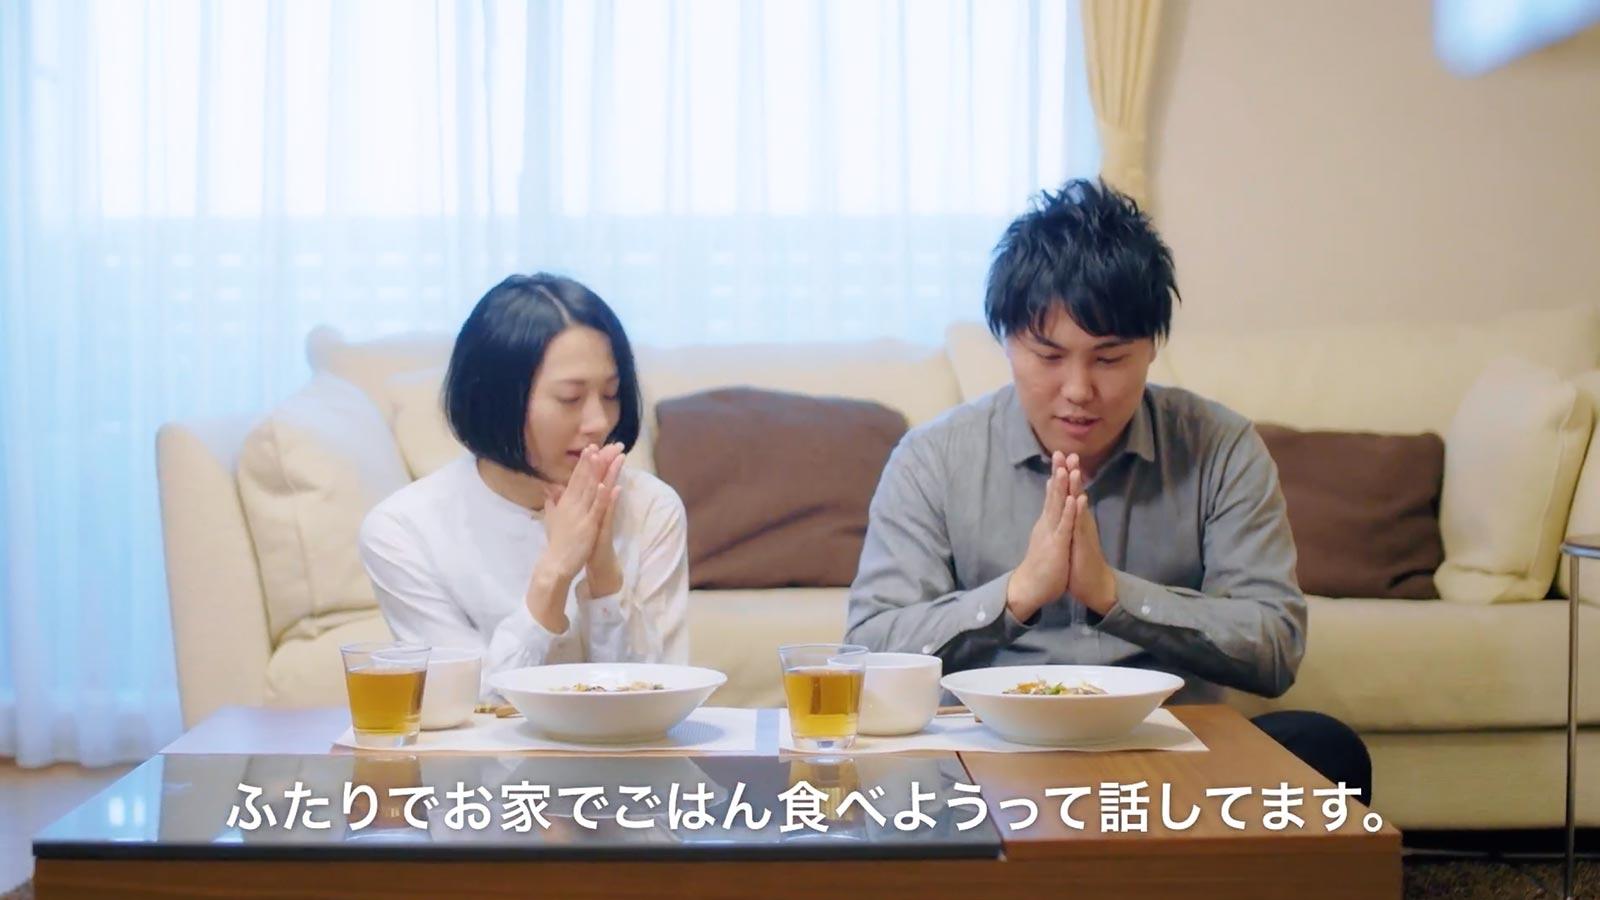 夫婦の食卓